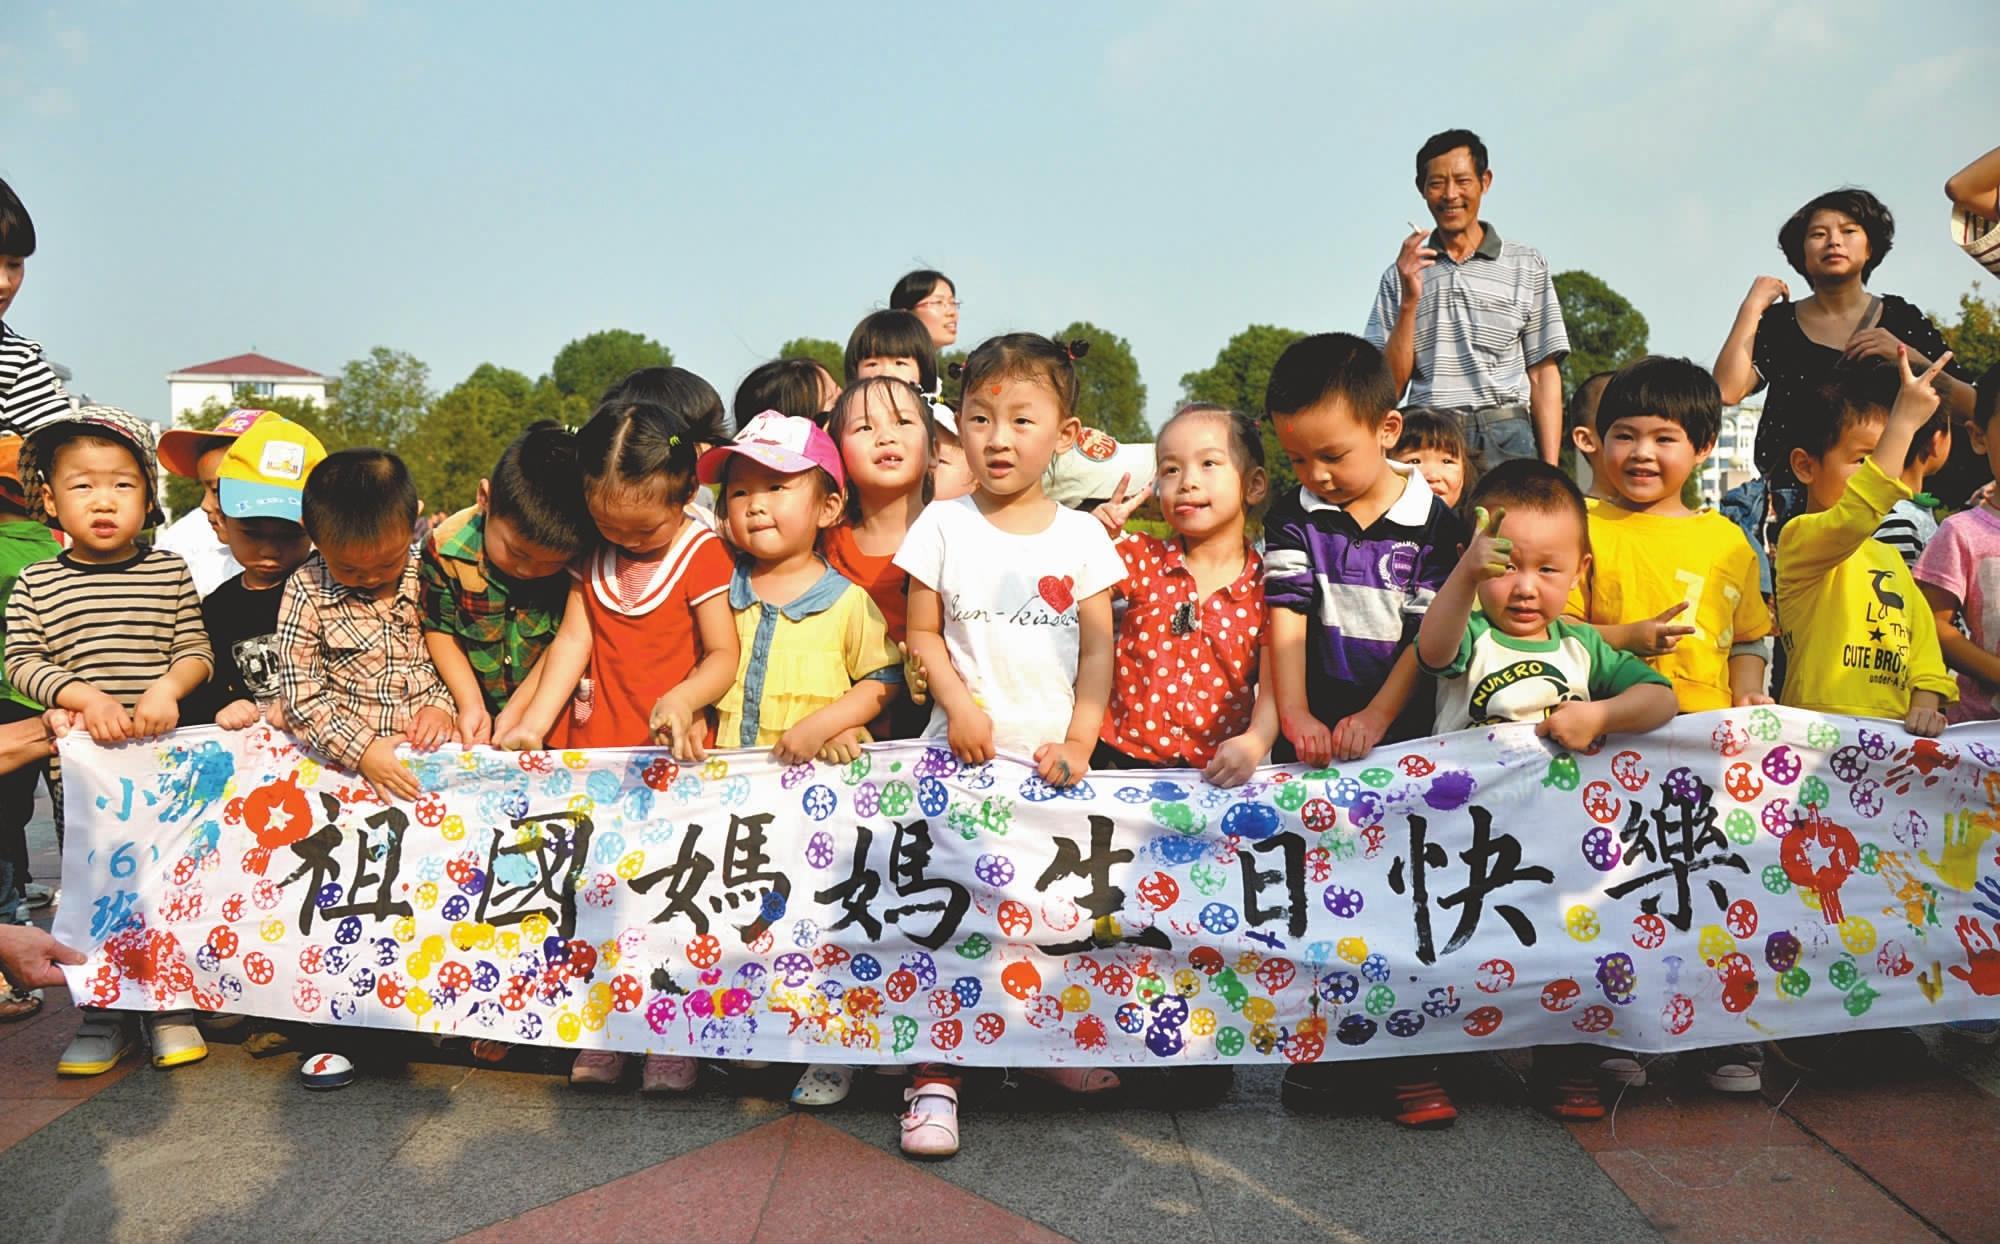 幼儿园国庆庆祝活动_武阳幼儿园亲子绘画庆国庆--武义新闻网